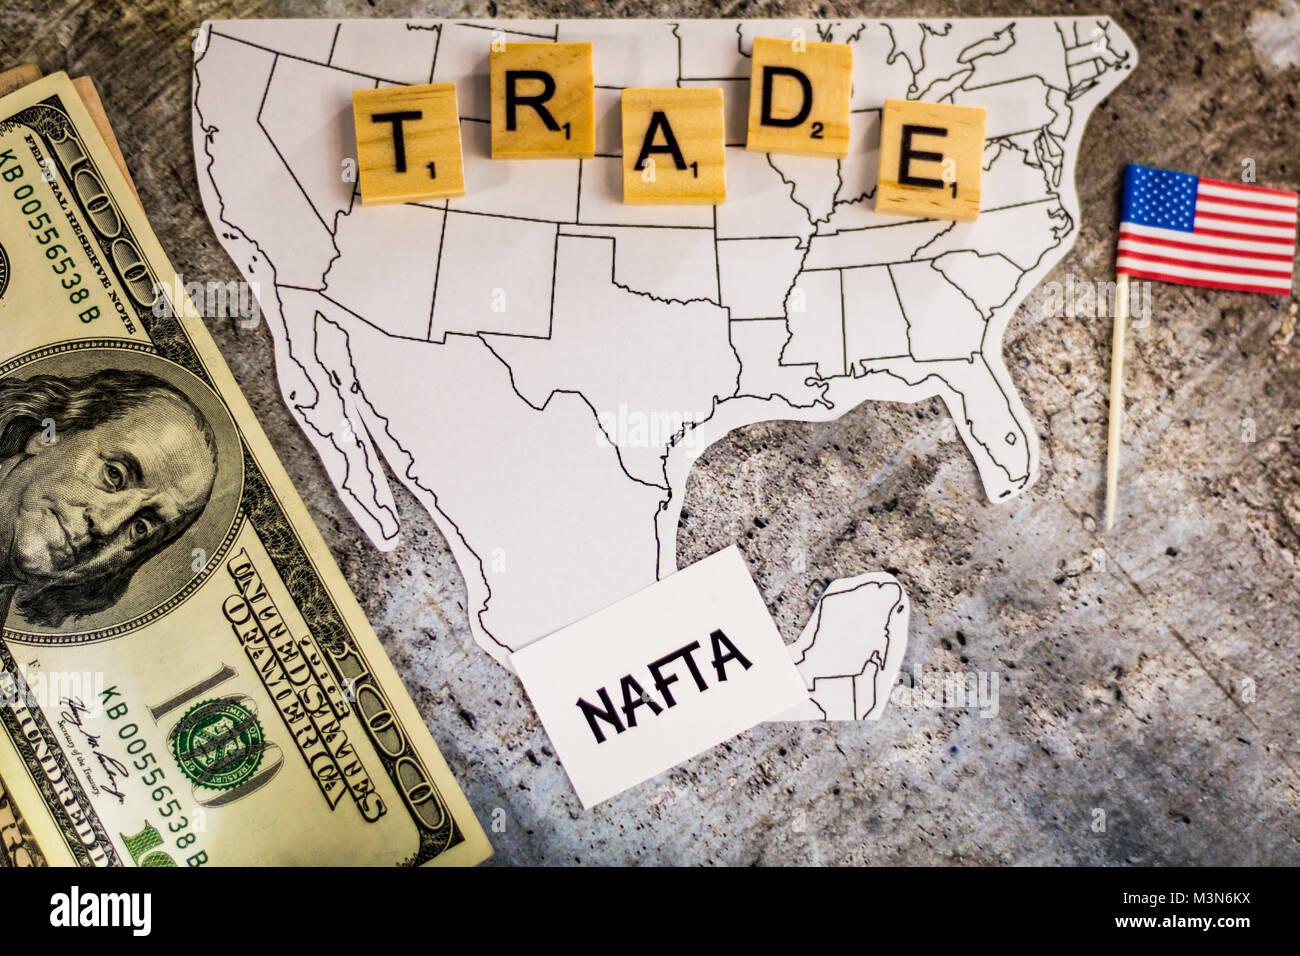 Mexiko Staaten Karte.Nafta Handel Business Konzept Mit Den Vereinigten Staaten